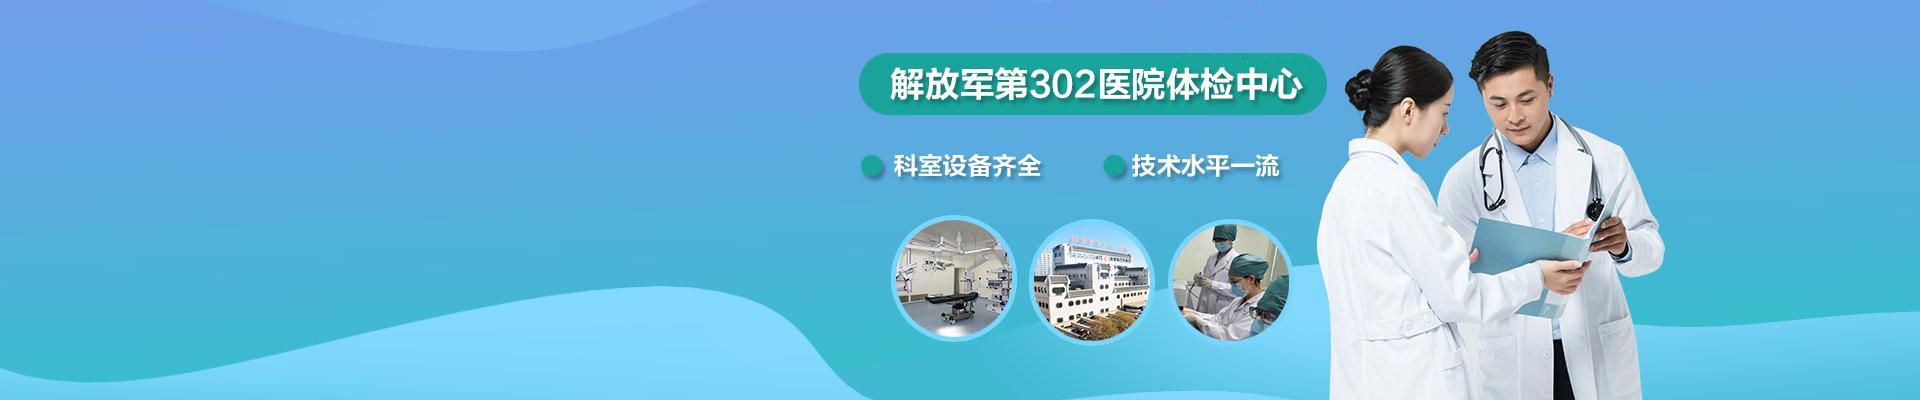 解放军302PC